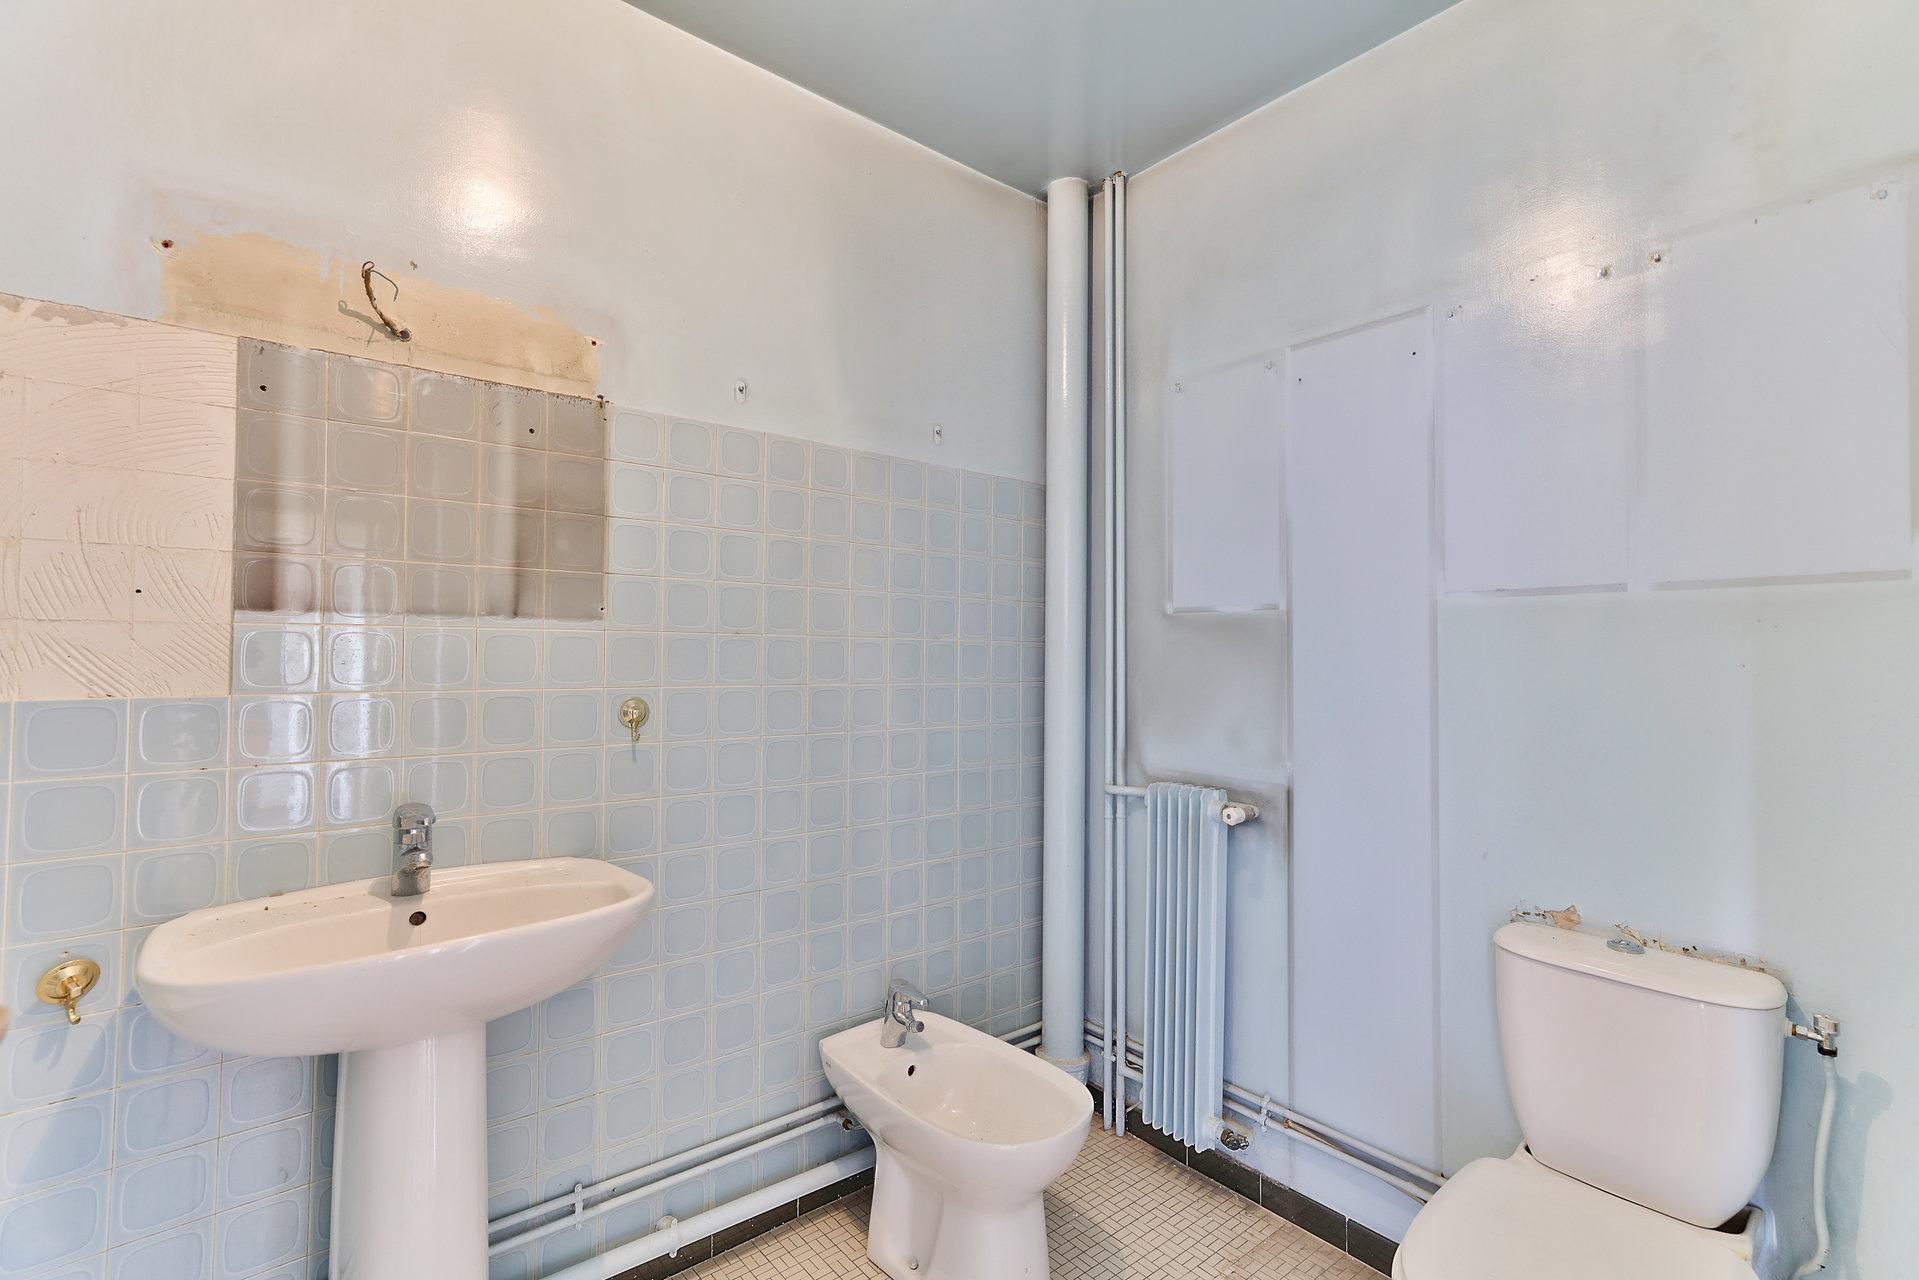 Sale Apartment - Paris 11th (Paris 11ème)